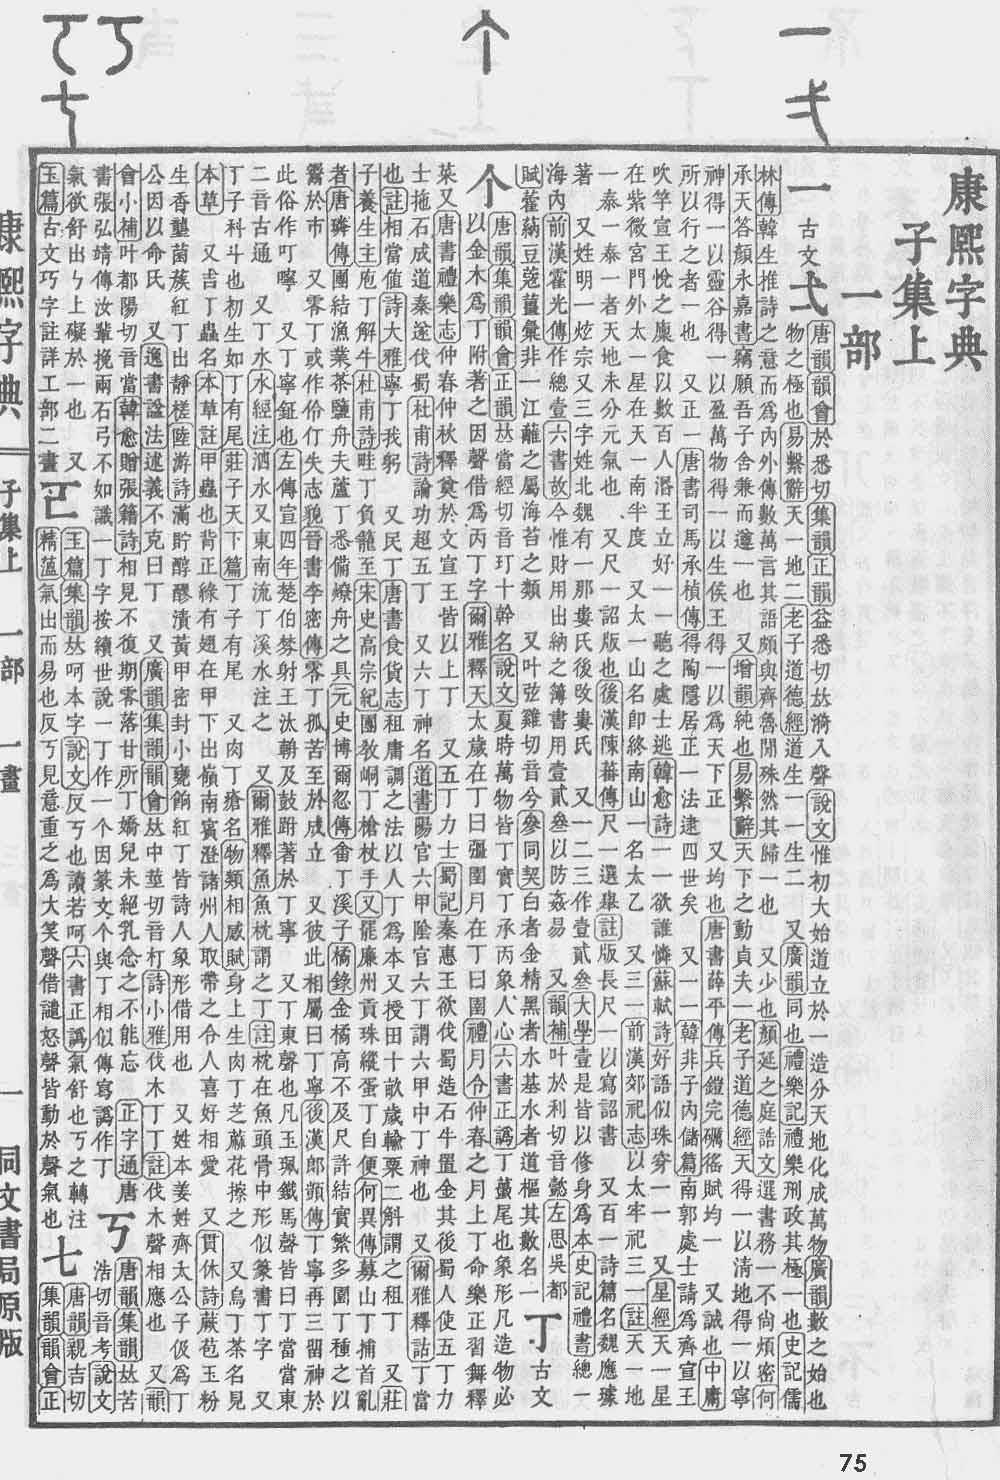 《康熙字典》第75页